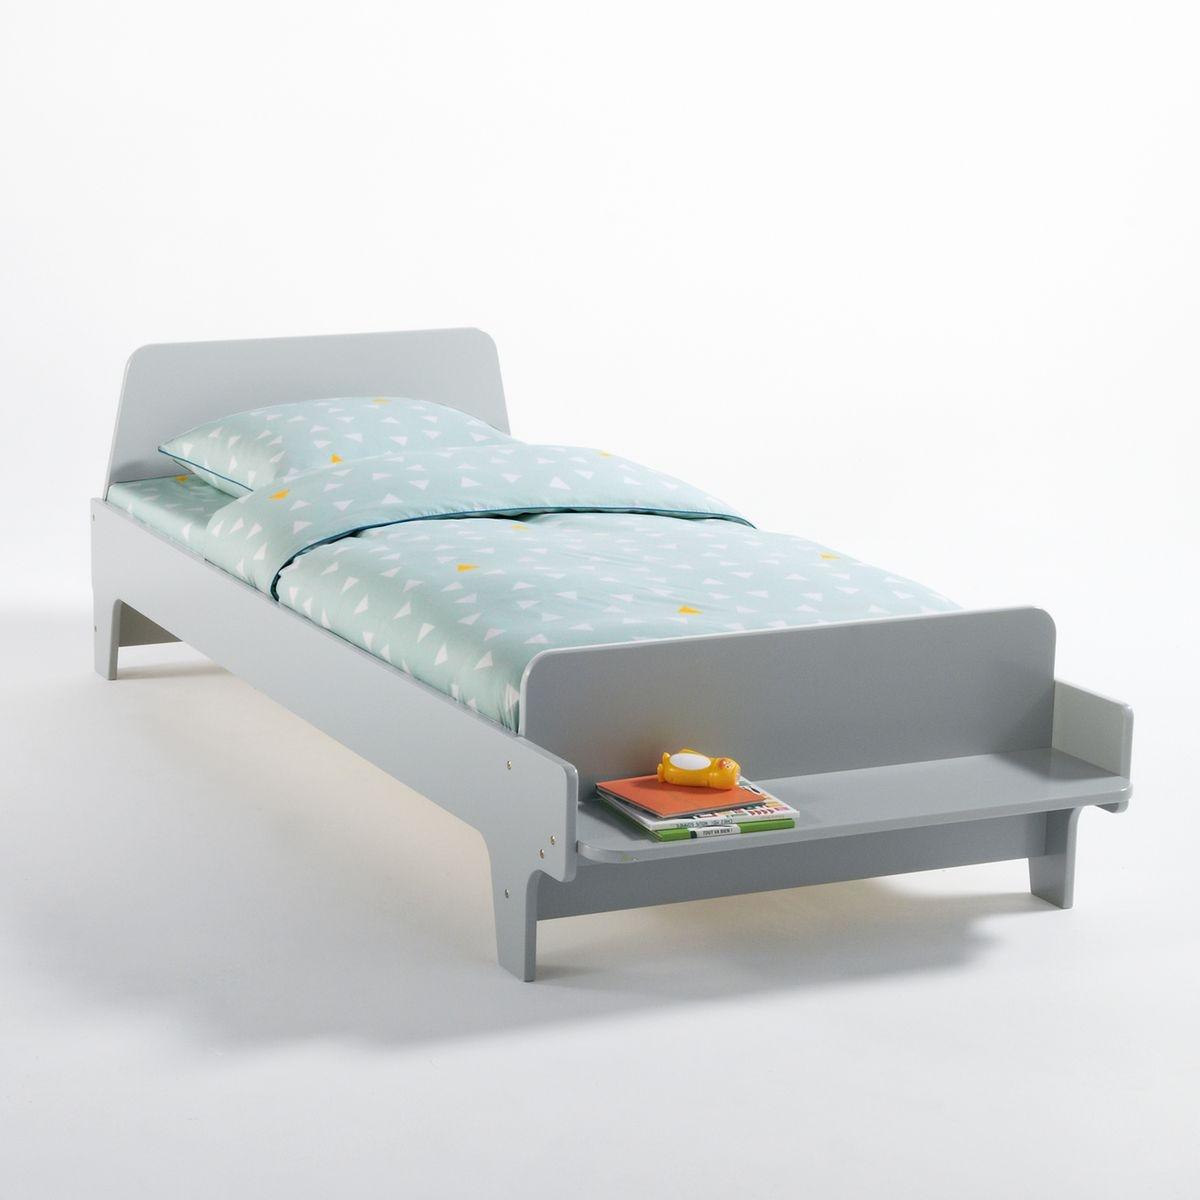 lit enfant la redoute prix le moins cher. Black Bedroom Furniture Sets. Home Design Ideas